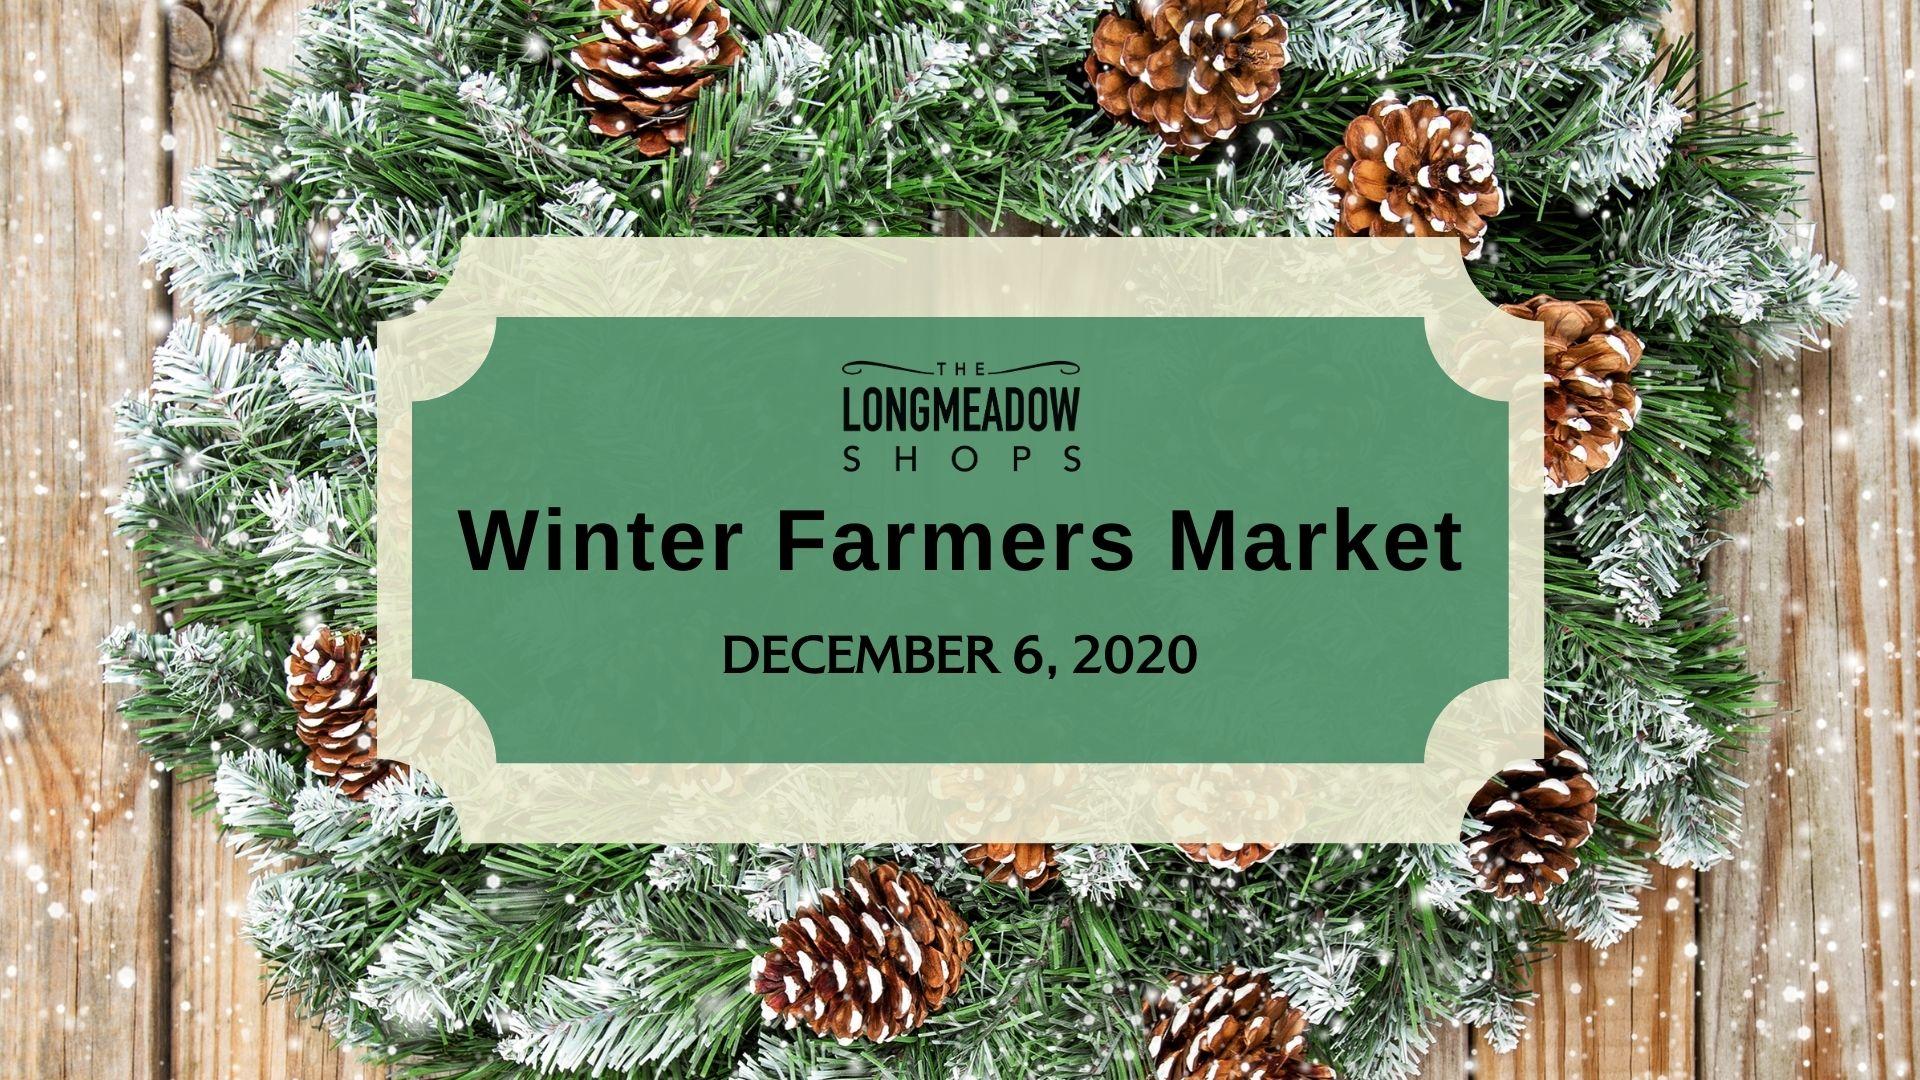 Winter Farmers Market Wreath Image